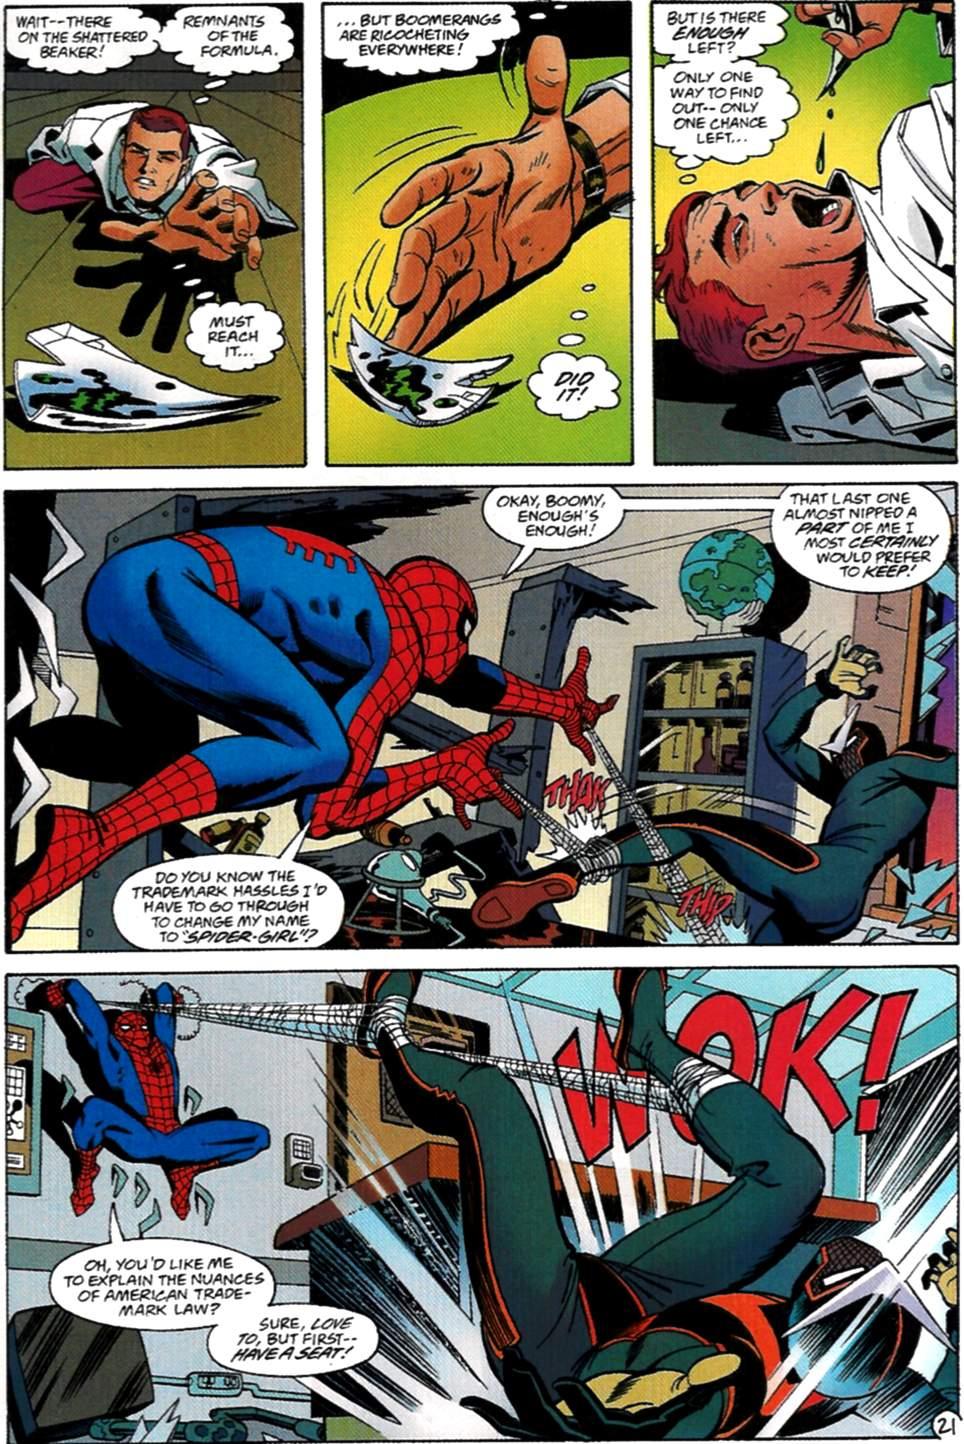 Read online Spider-Man: Lifeline comic -  Issue #2 - 22